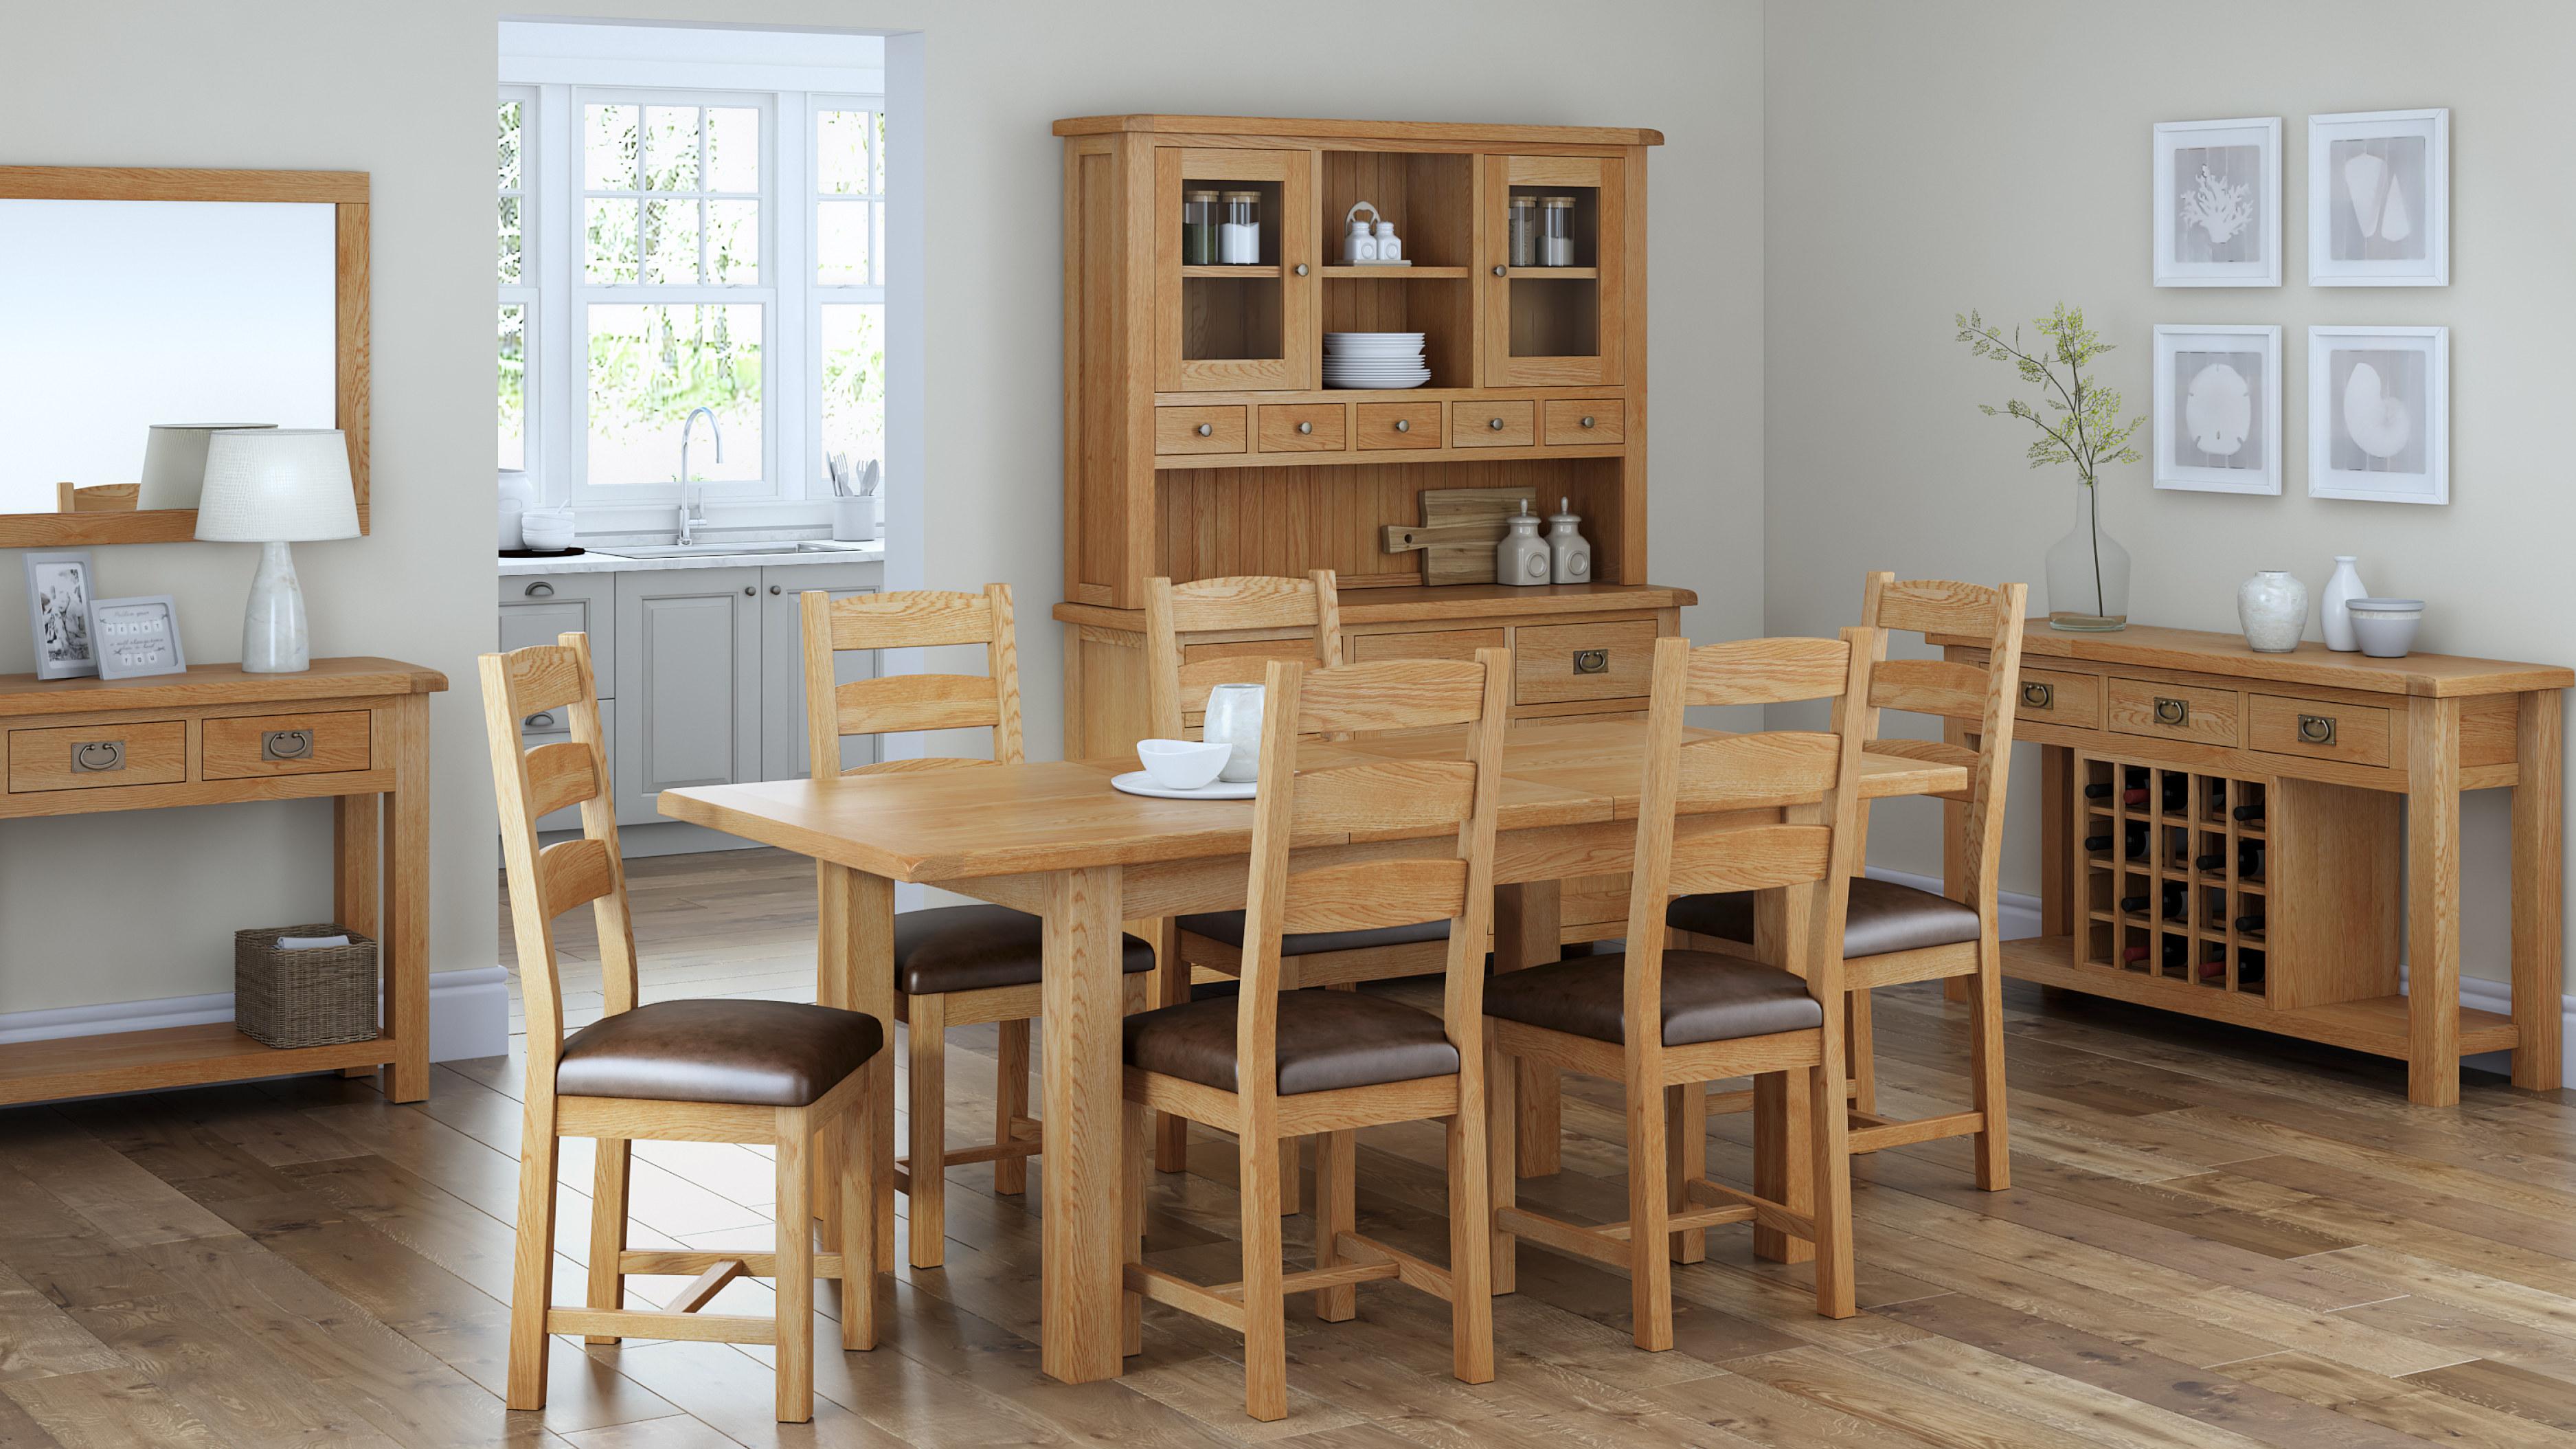 Rustique Home London Rustic Oak Collection